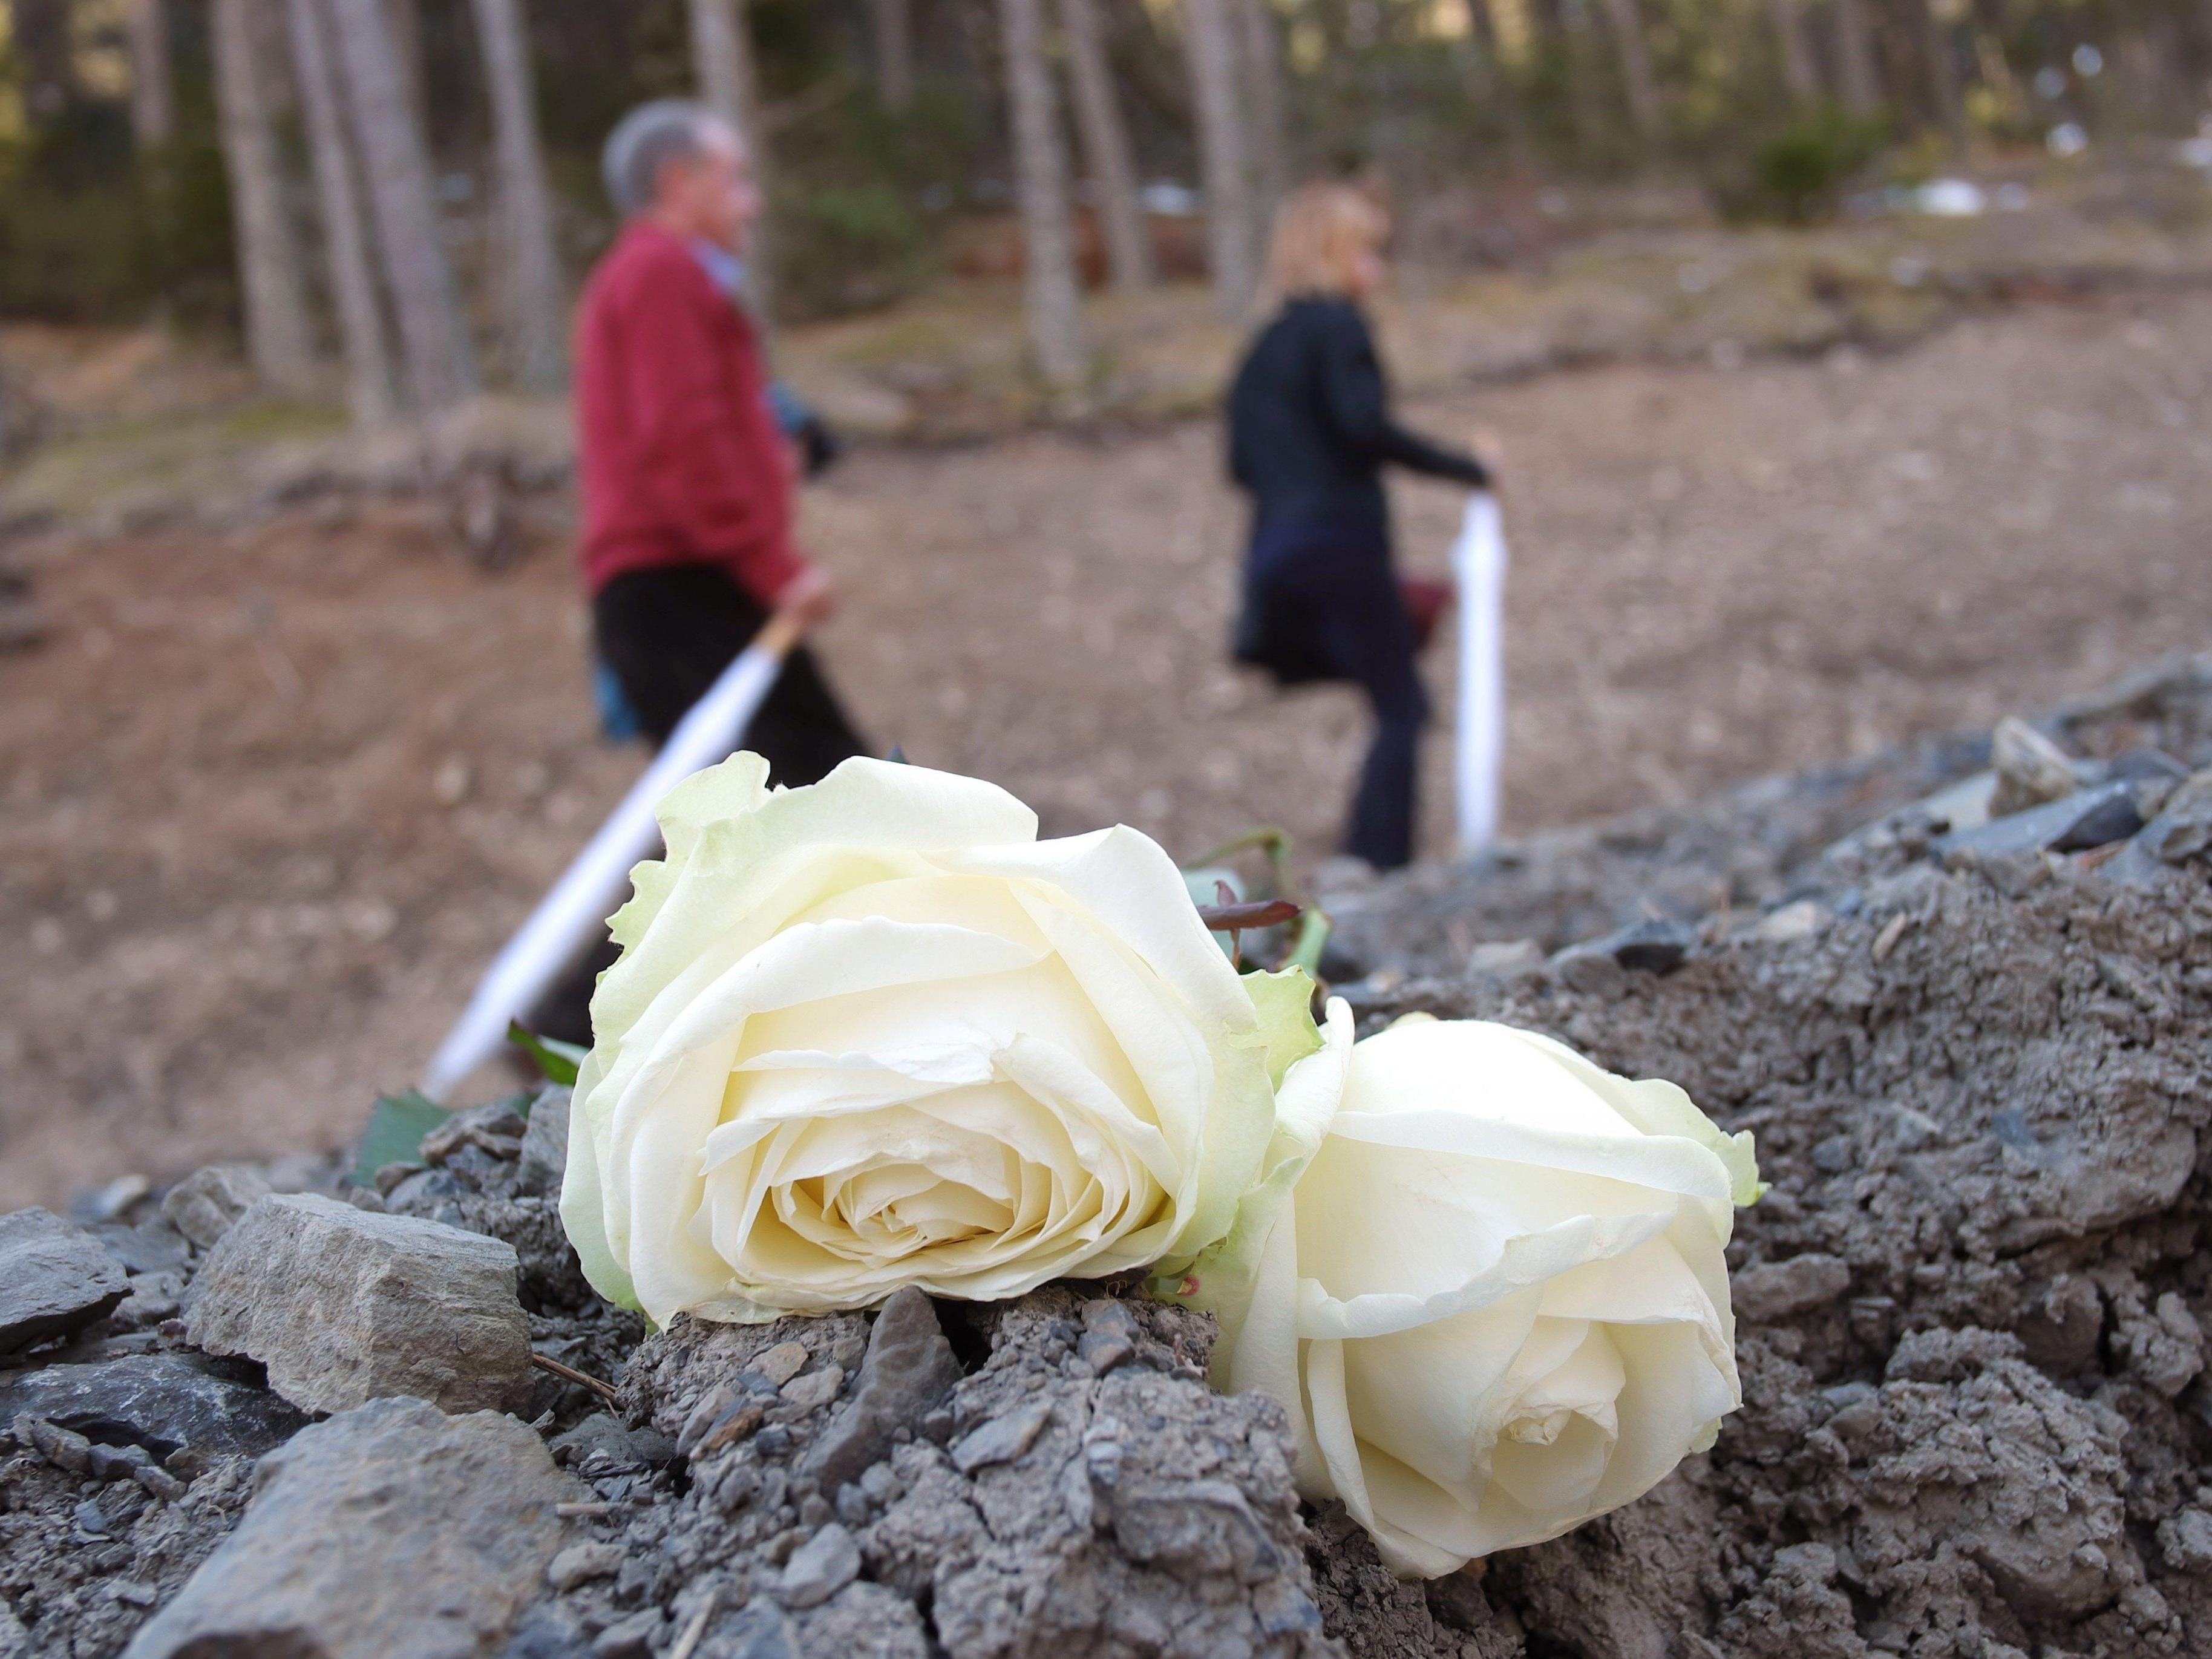 Zum Jahrestag des Germanwings-Absturzes hatten am 24. März in der nahe der Absturzstelle hunderte Hinterbliebene ihrer getöteten Angehörigen gedacht.